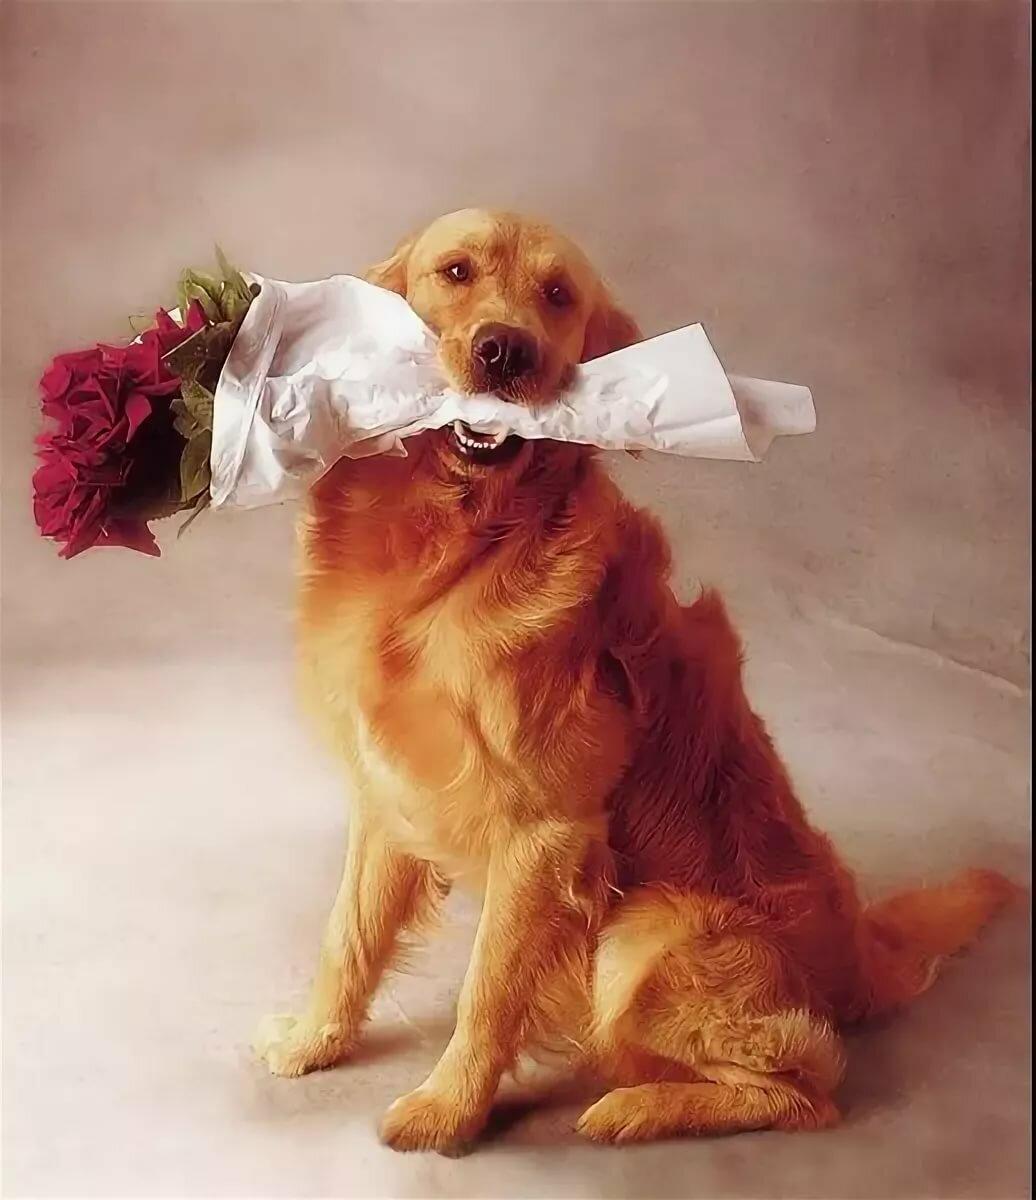 картинки животных для поздравления с днем рождения регулируется высоте наклону